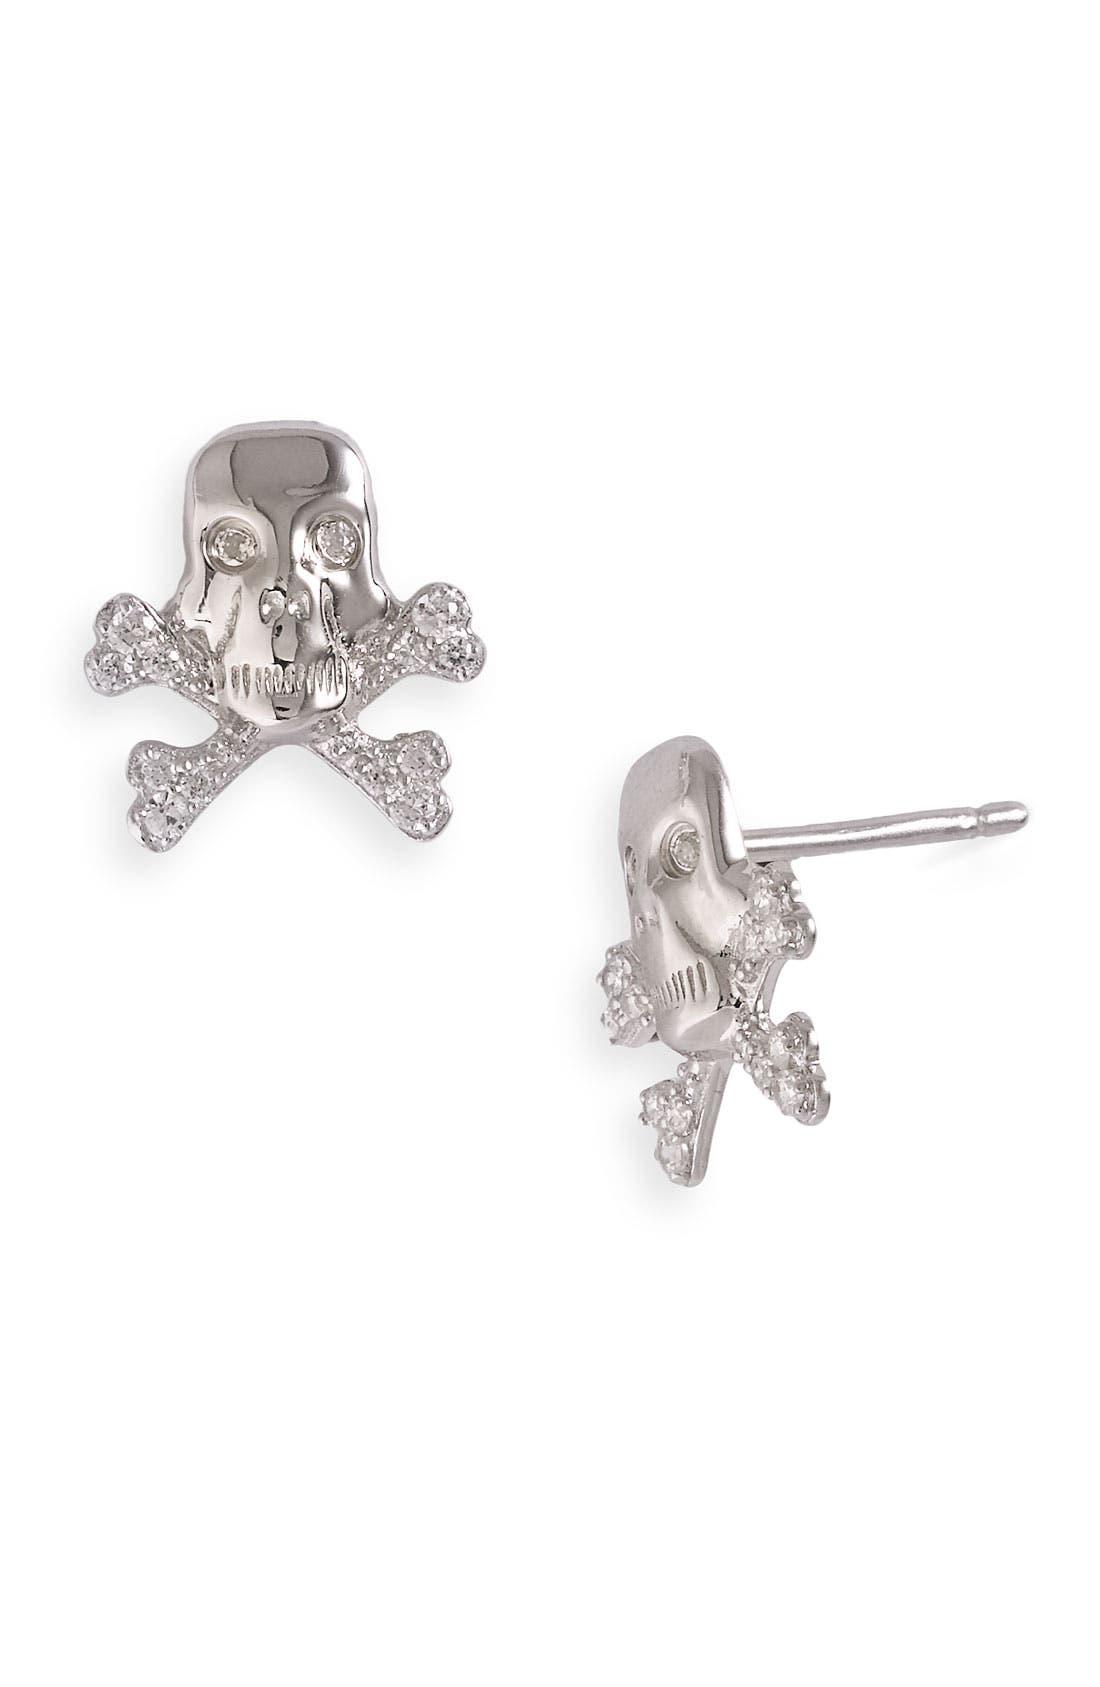 Main Image - Tom Binns 'Bejewelled Charm Offensive' Skull Stud Earrings